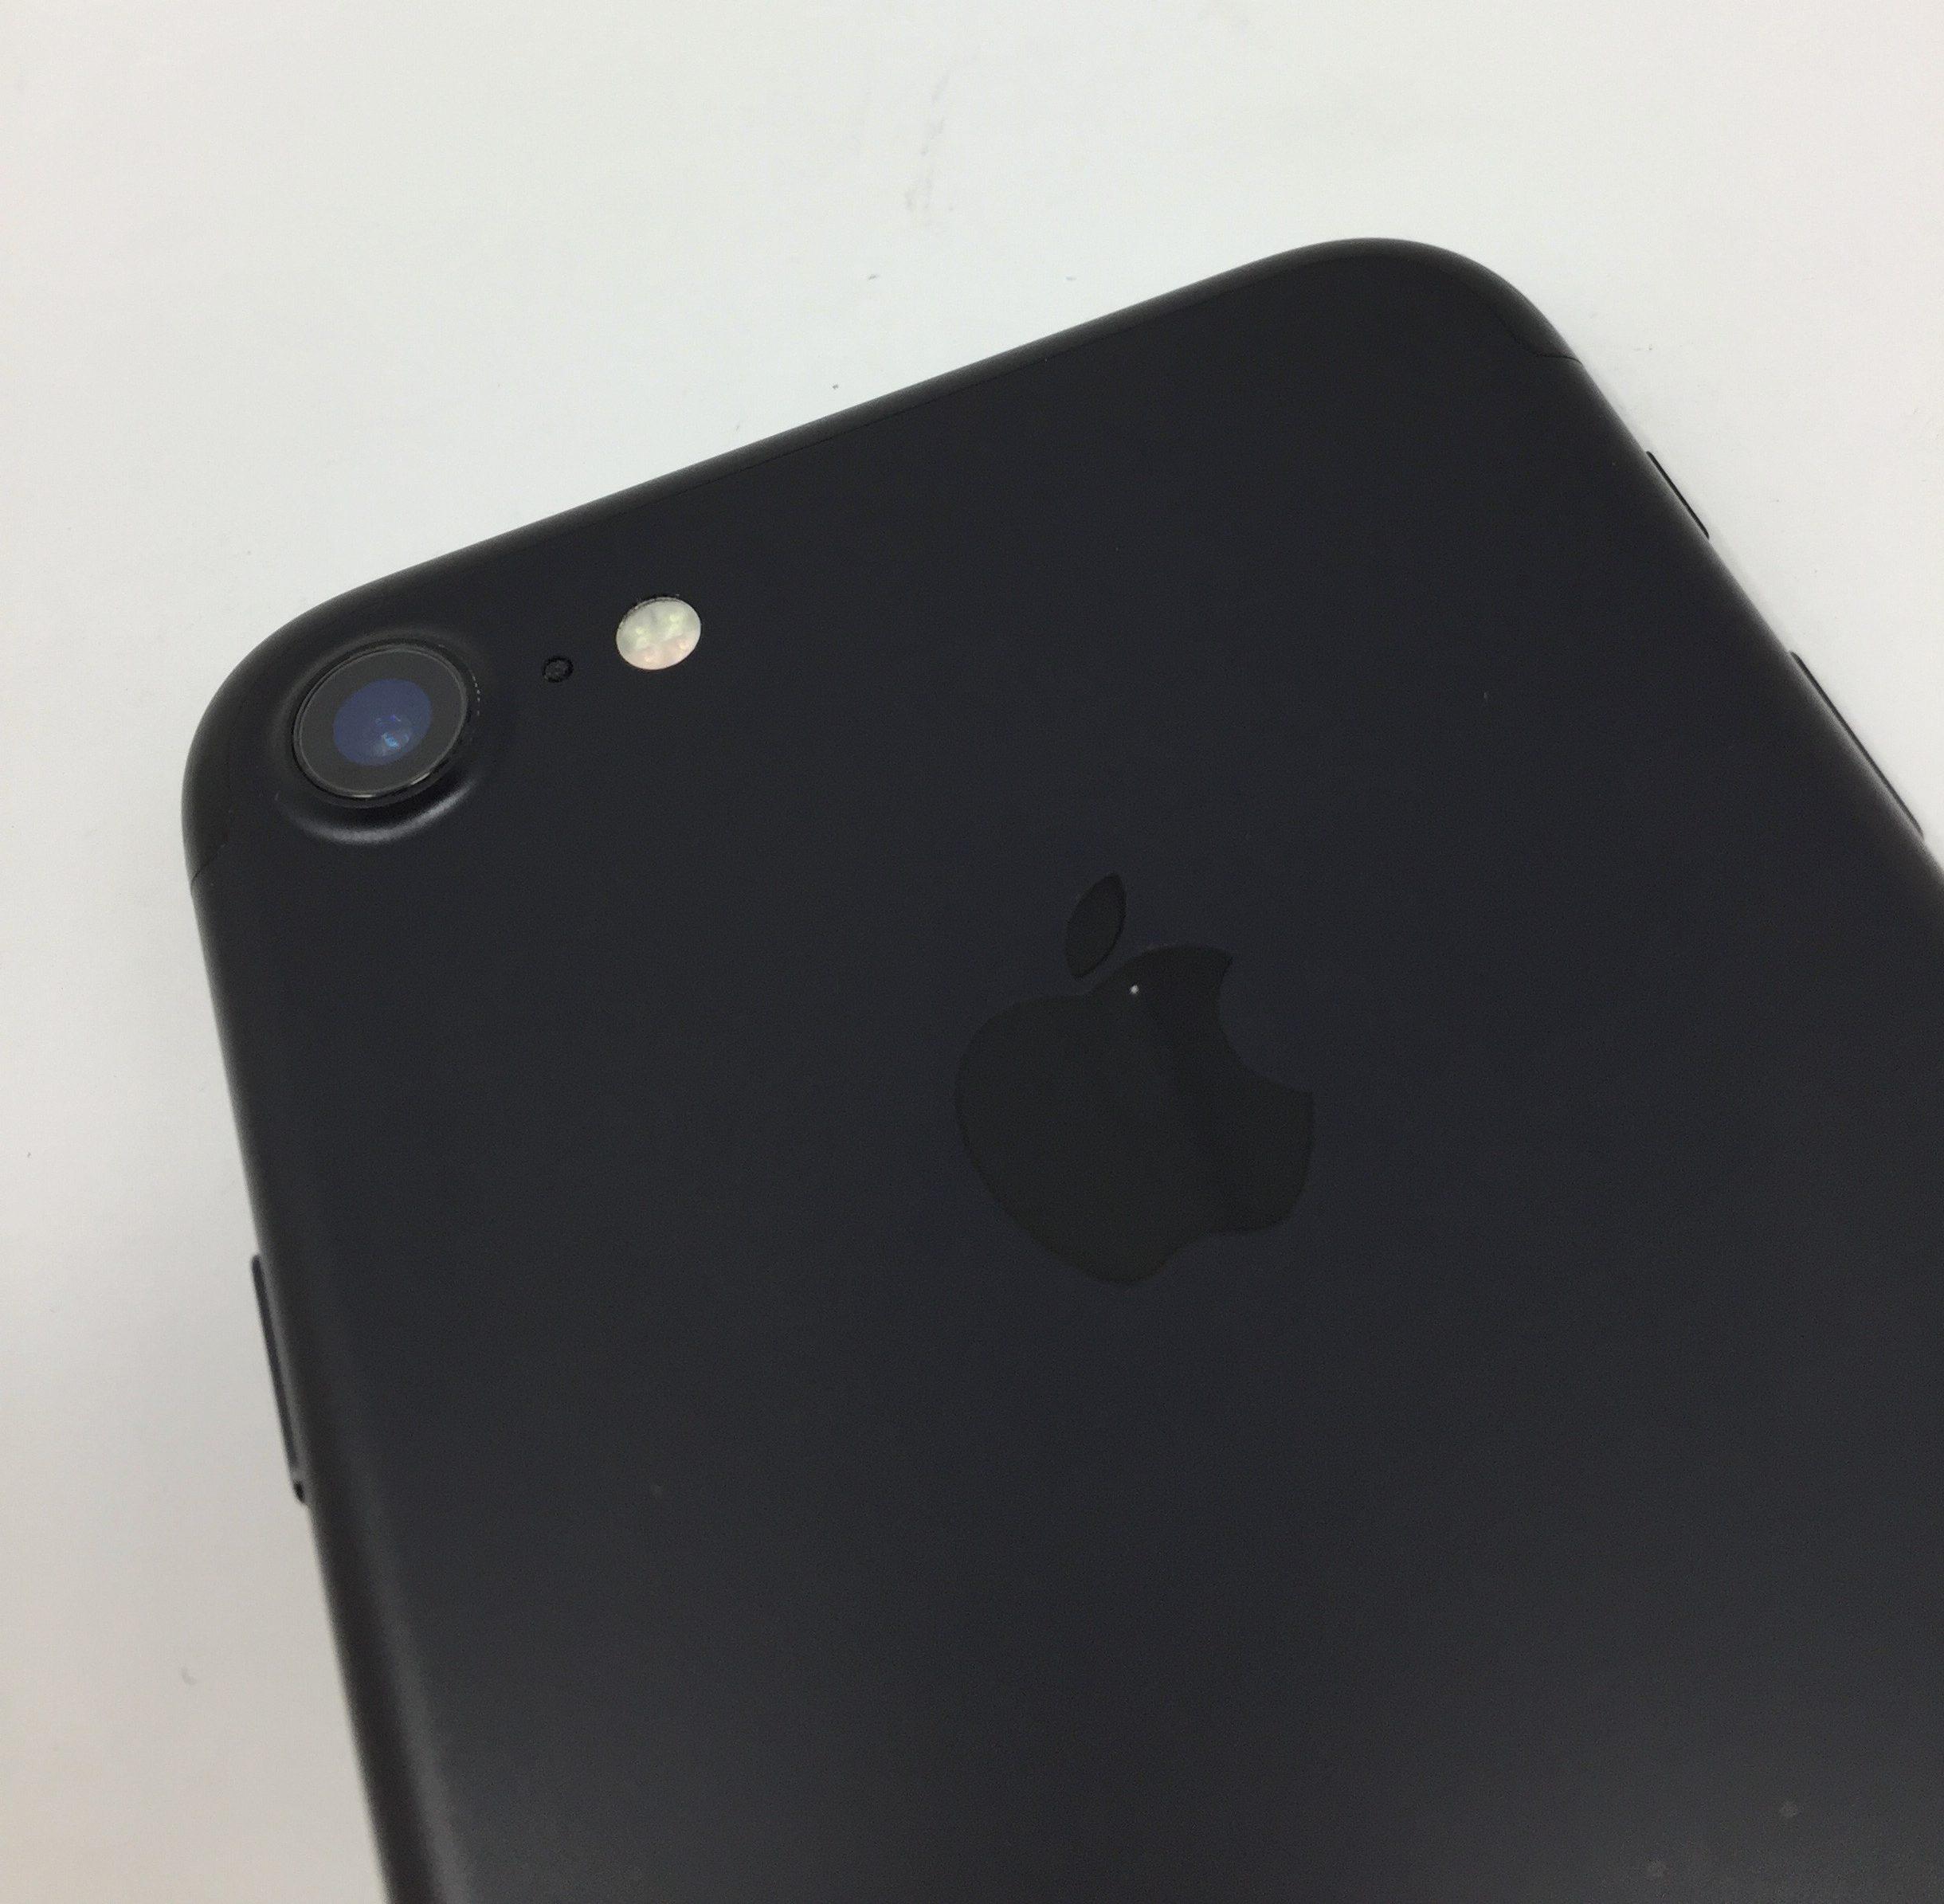 iPhone 7 128GB, 128 GB, Black, imagen 2